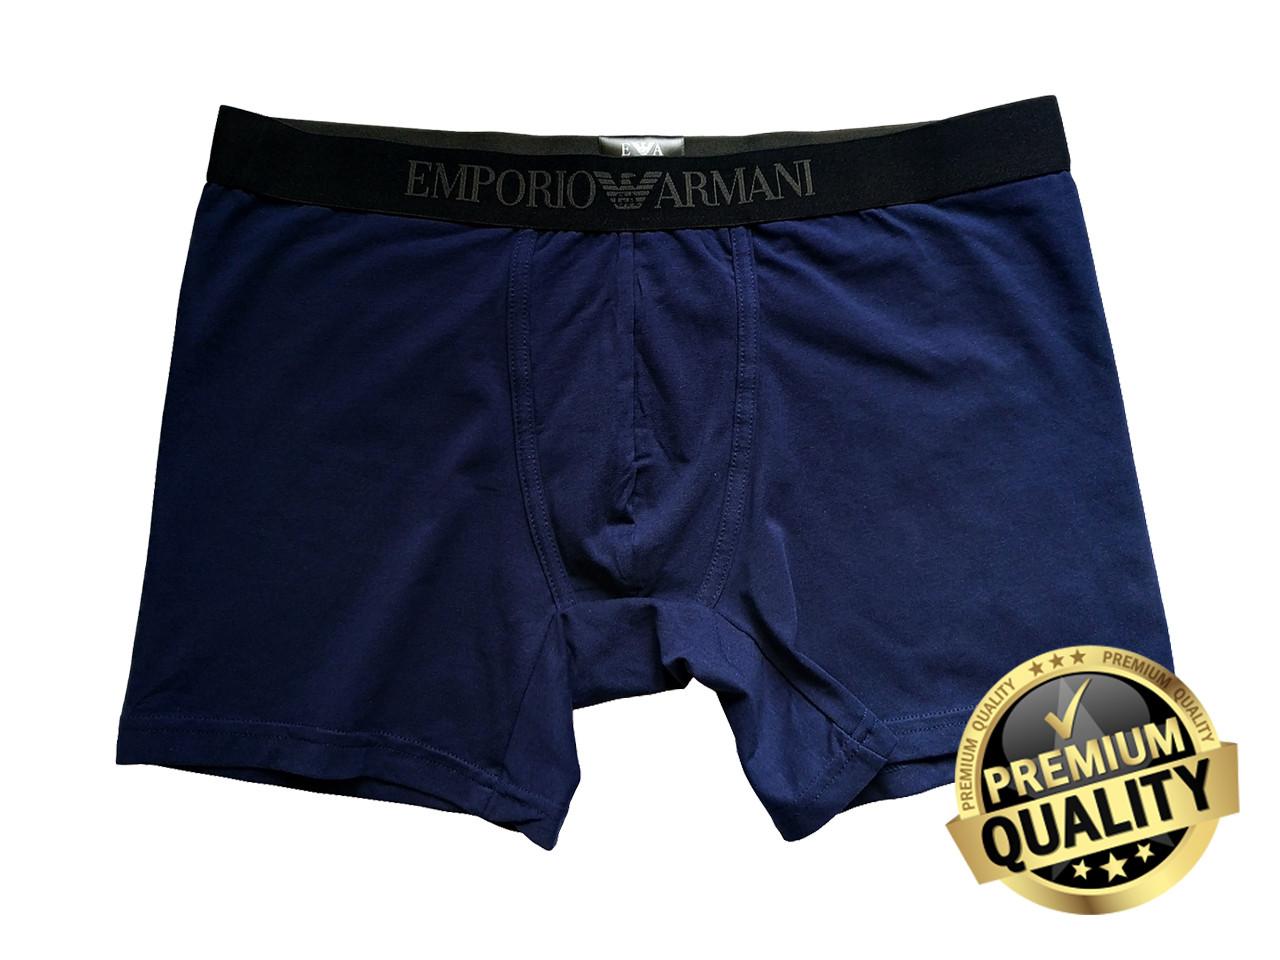 Чоловічі труси Emporio Armani сині. Повномірна подовжена модель. Преміум якість